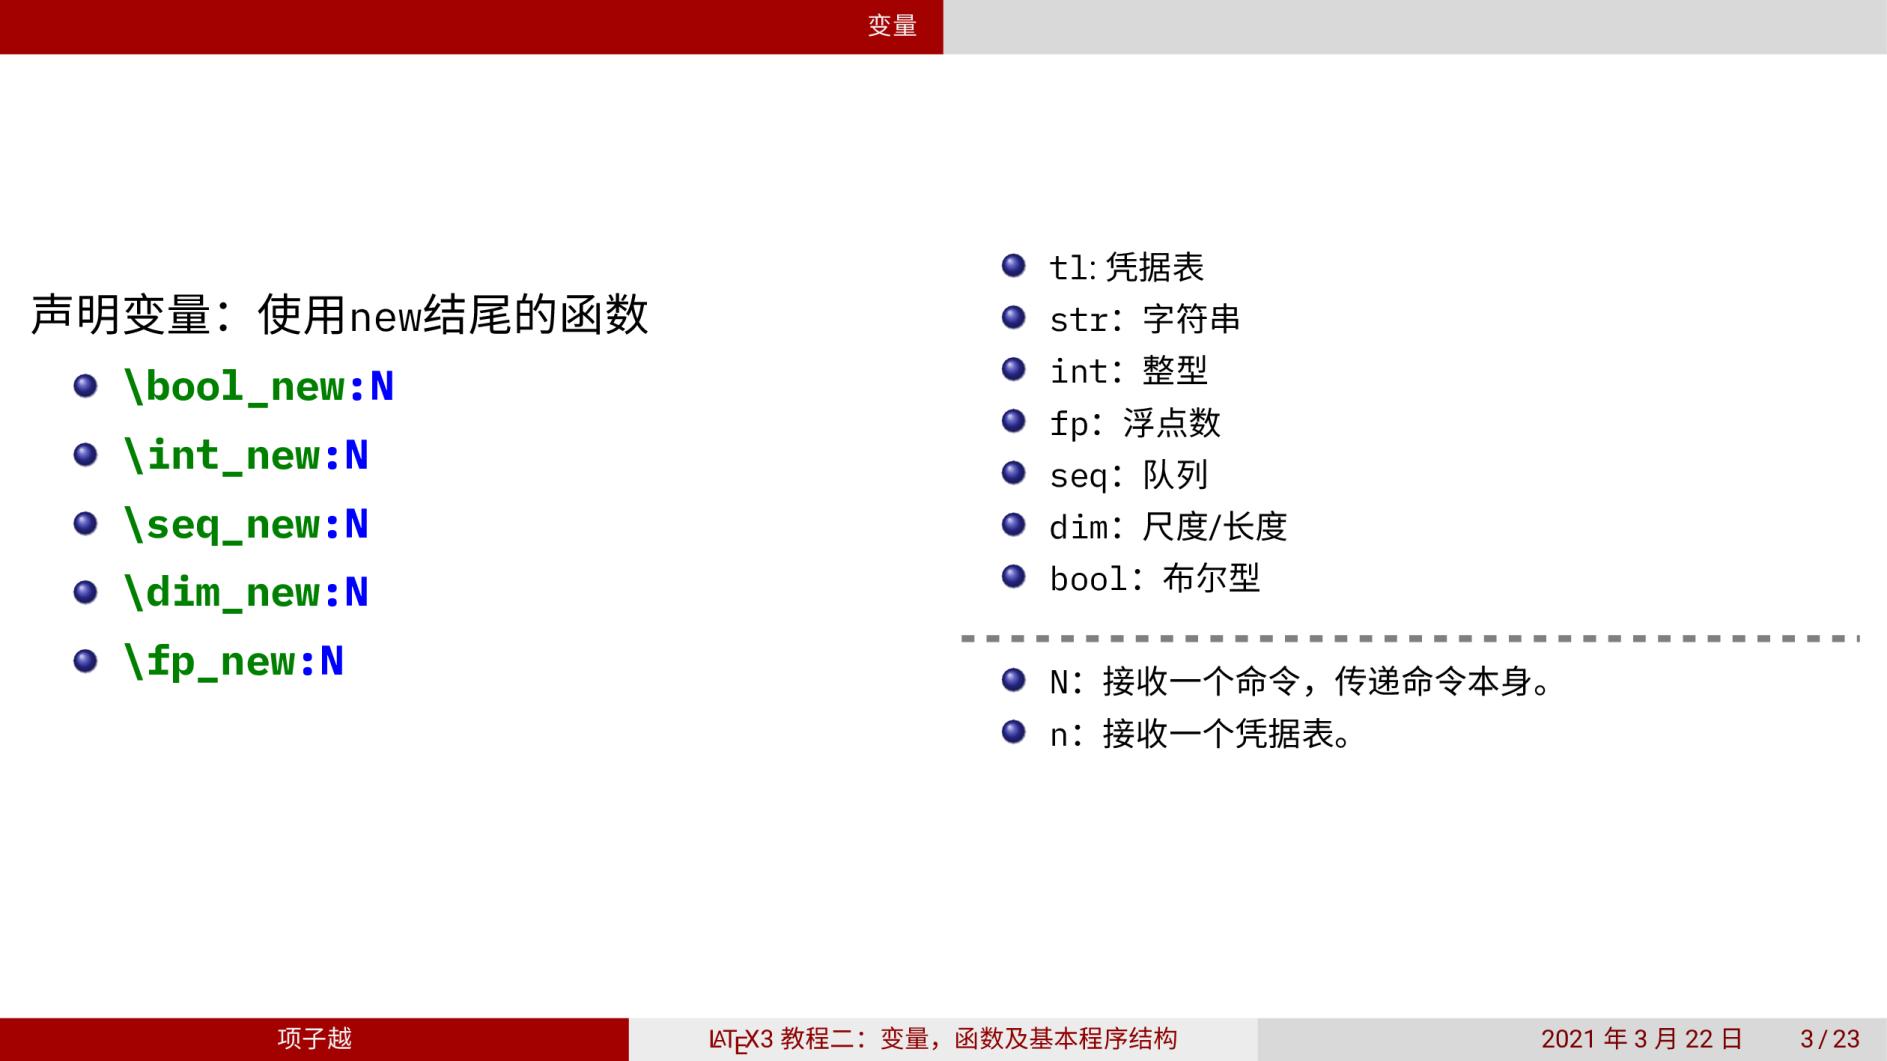 LaTeX3 宏编程教程 幻灯片一 二合集下载